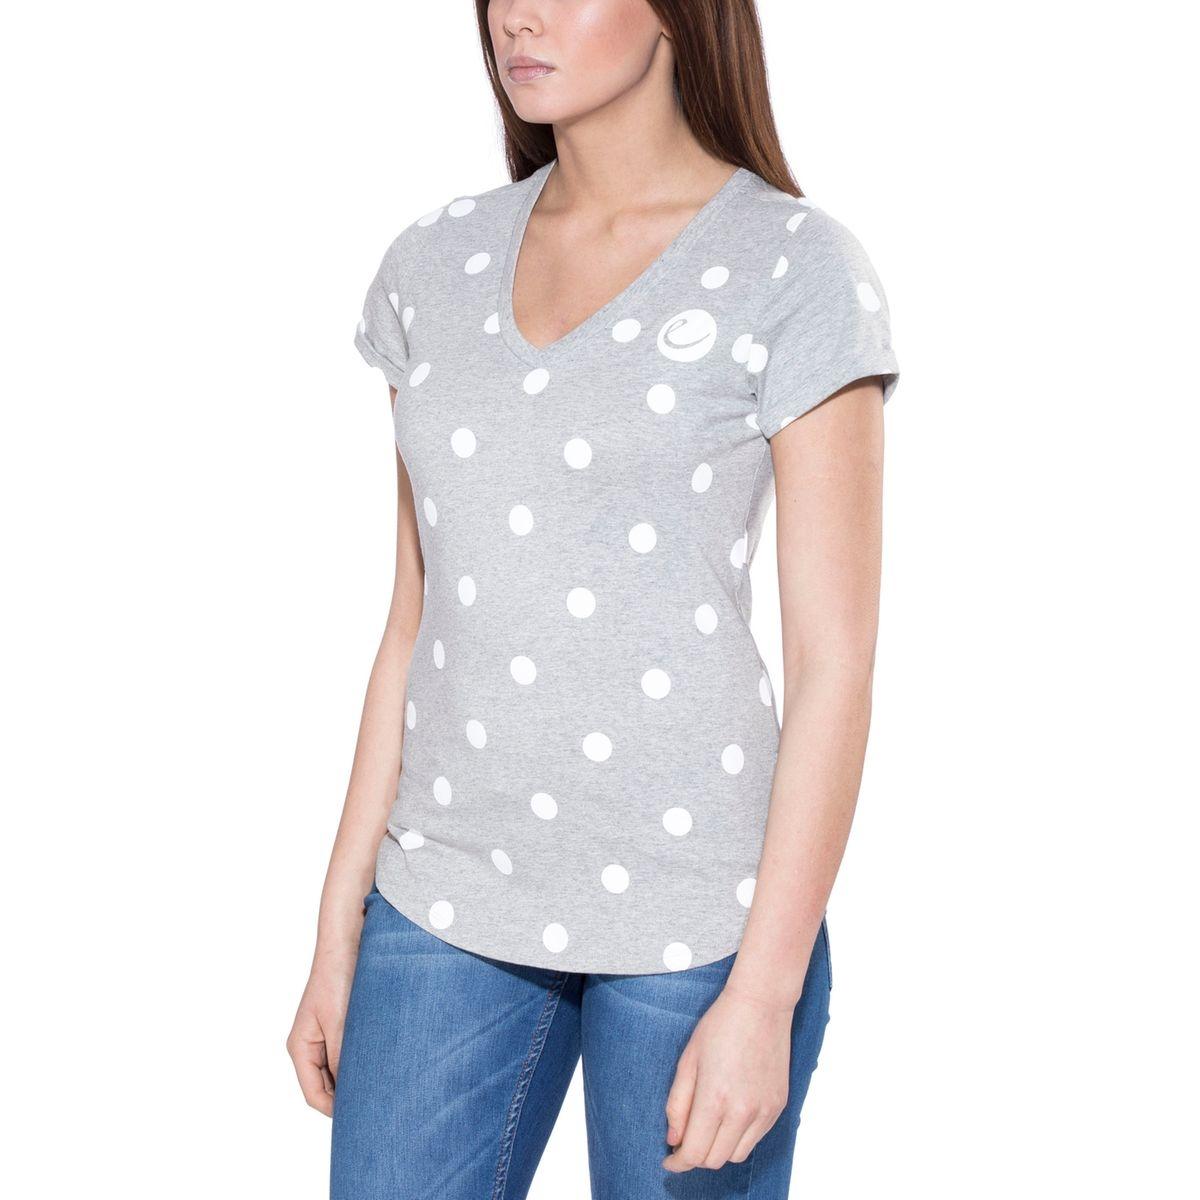 Rockover - T-shirt manches courtes Femme - gris